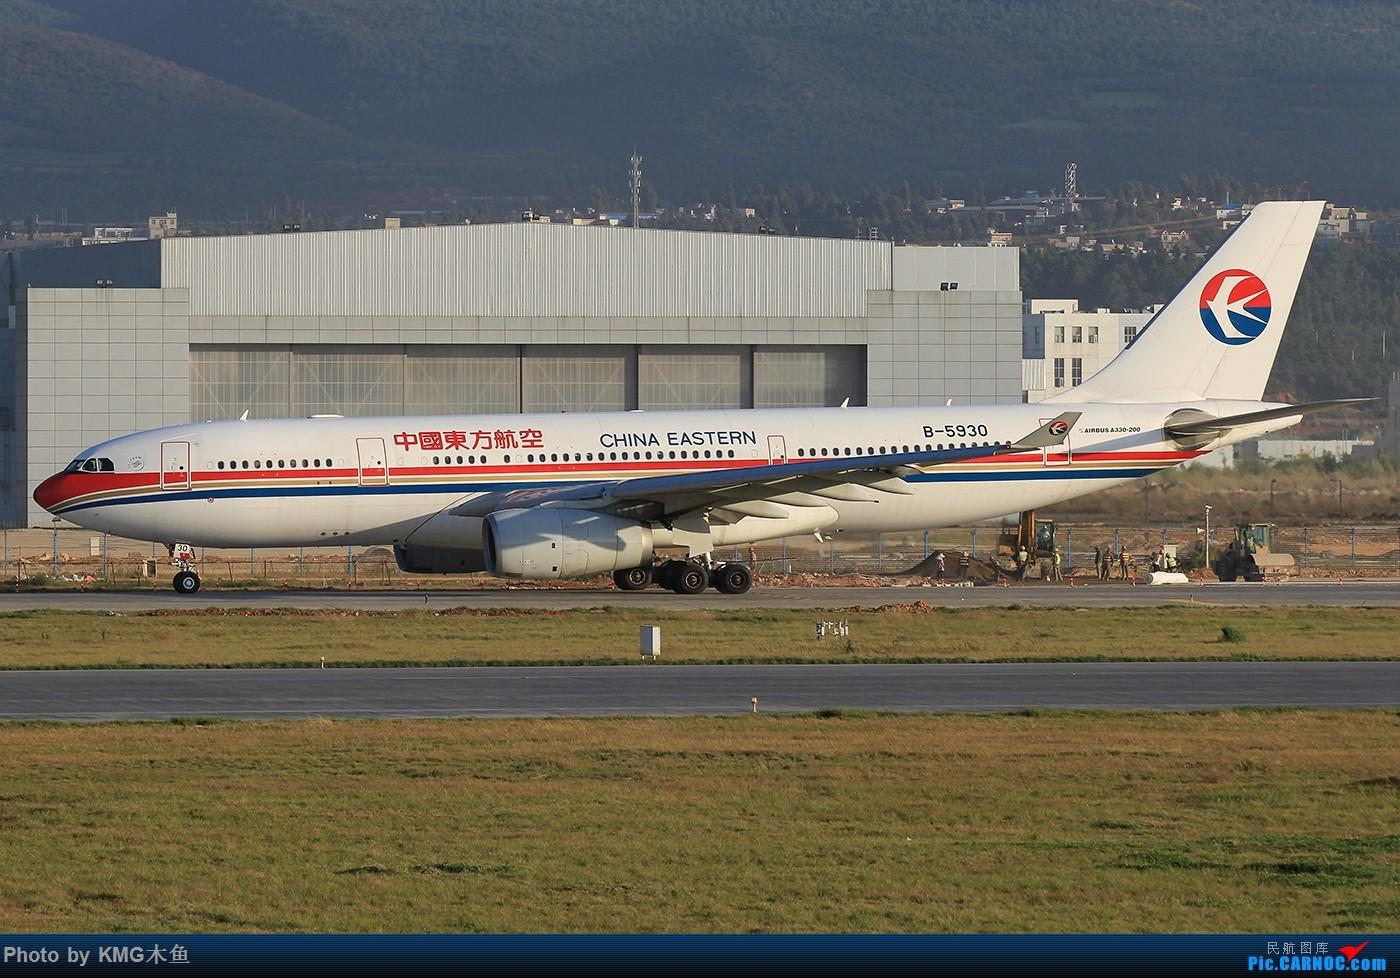 Re:[原创]【昆明长水国际机场-KMG木鱼拍机】啥时候能晴天,我想拍飞机了 AIRBUS A330-200 B-5930 中国昆明长水国际机场